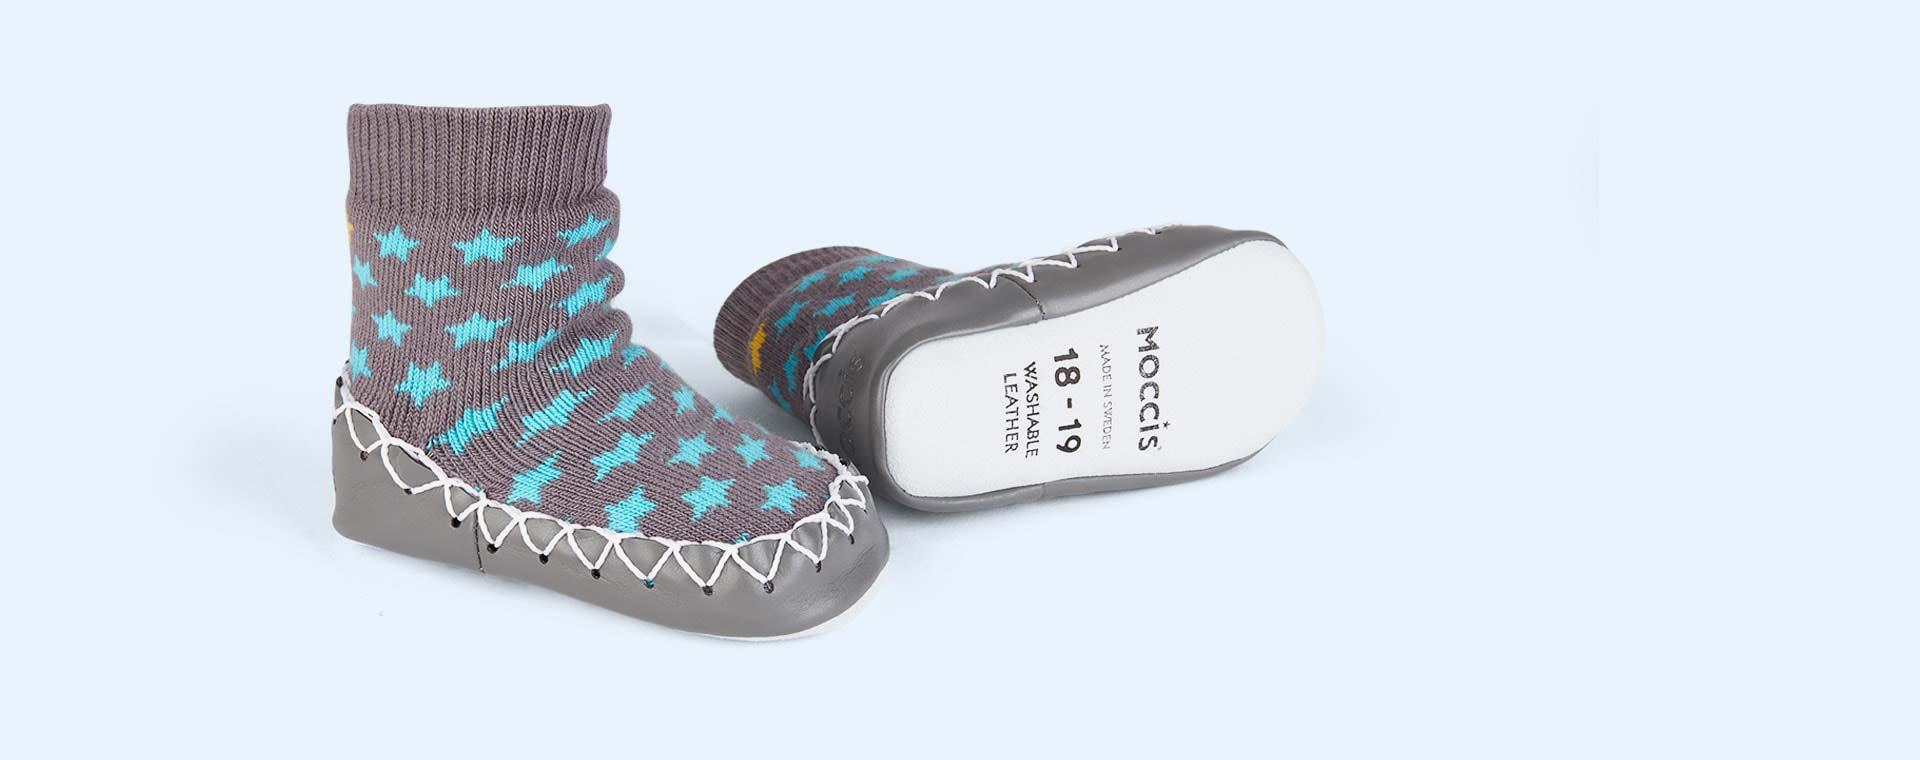 Stoney River Moccis Moccasin Slipper Socks